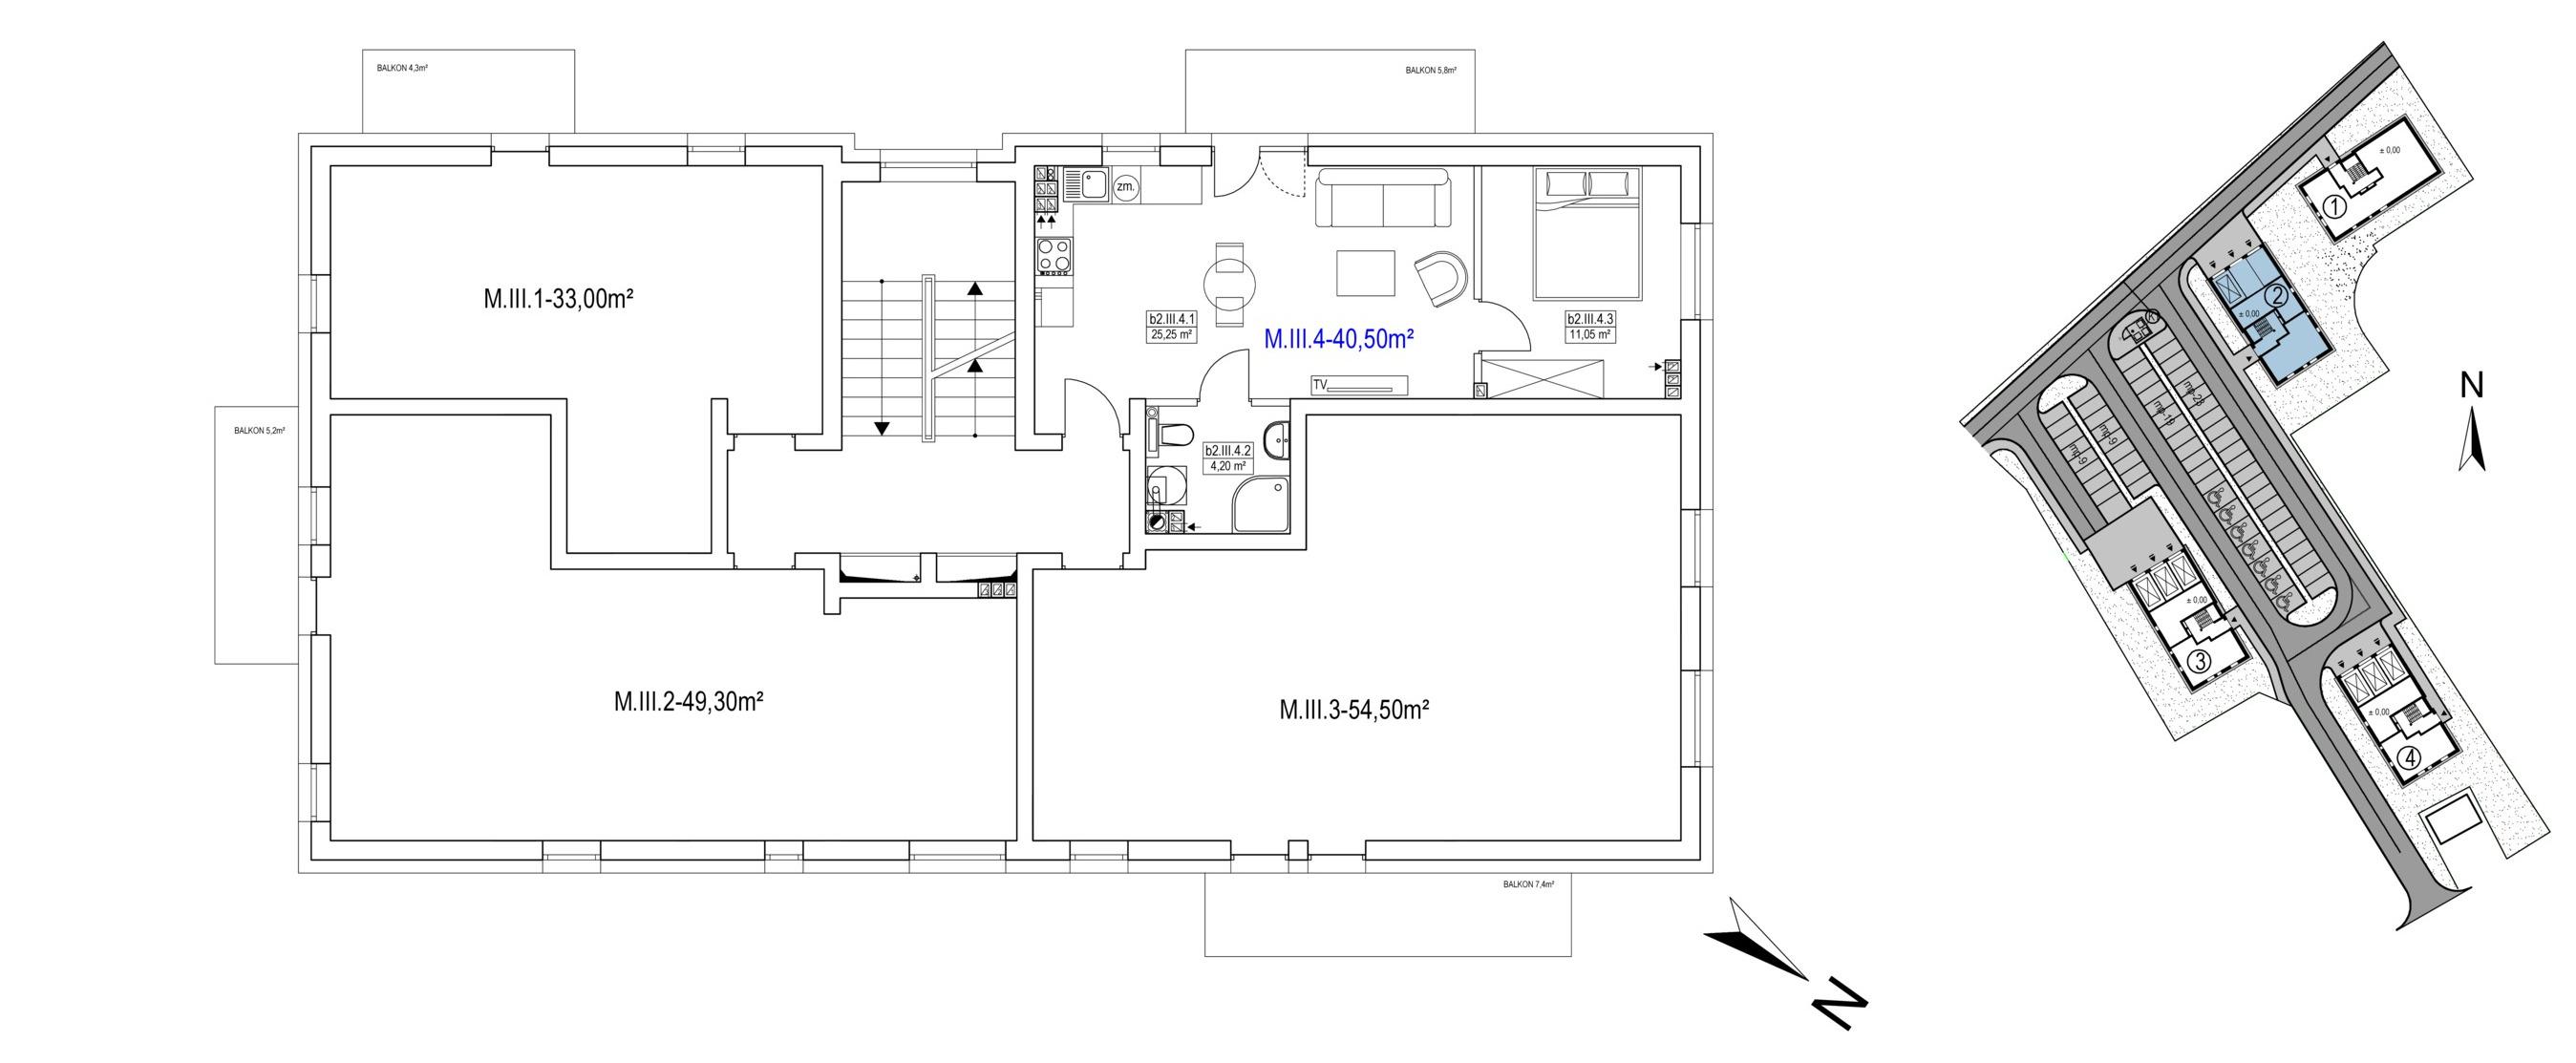 /assets/img/flats/B2.M.III.4.jpg